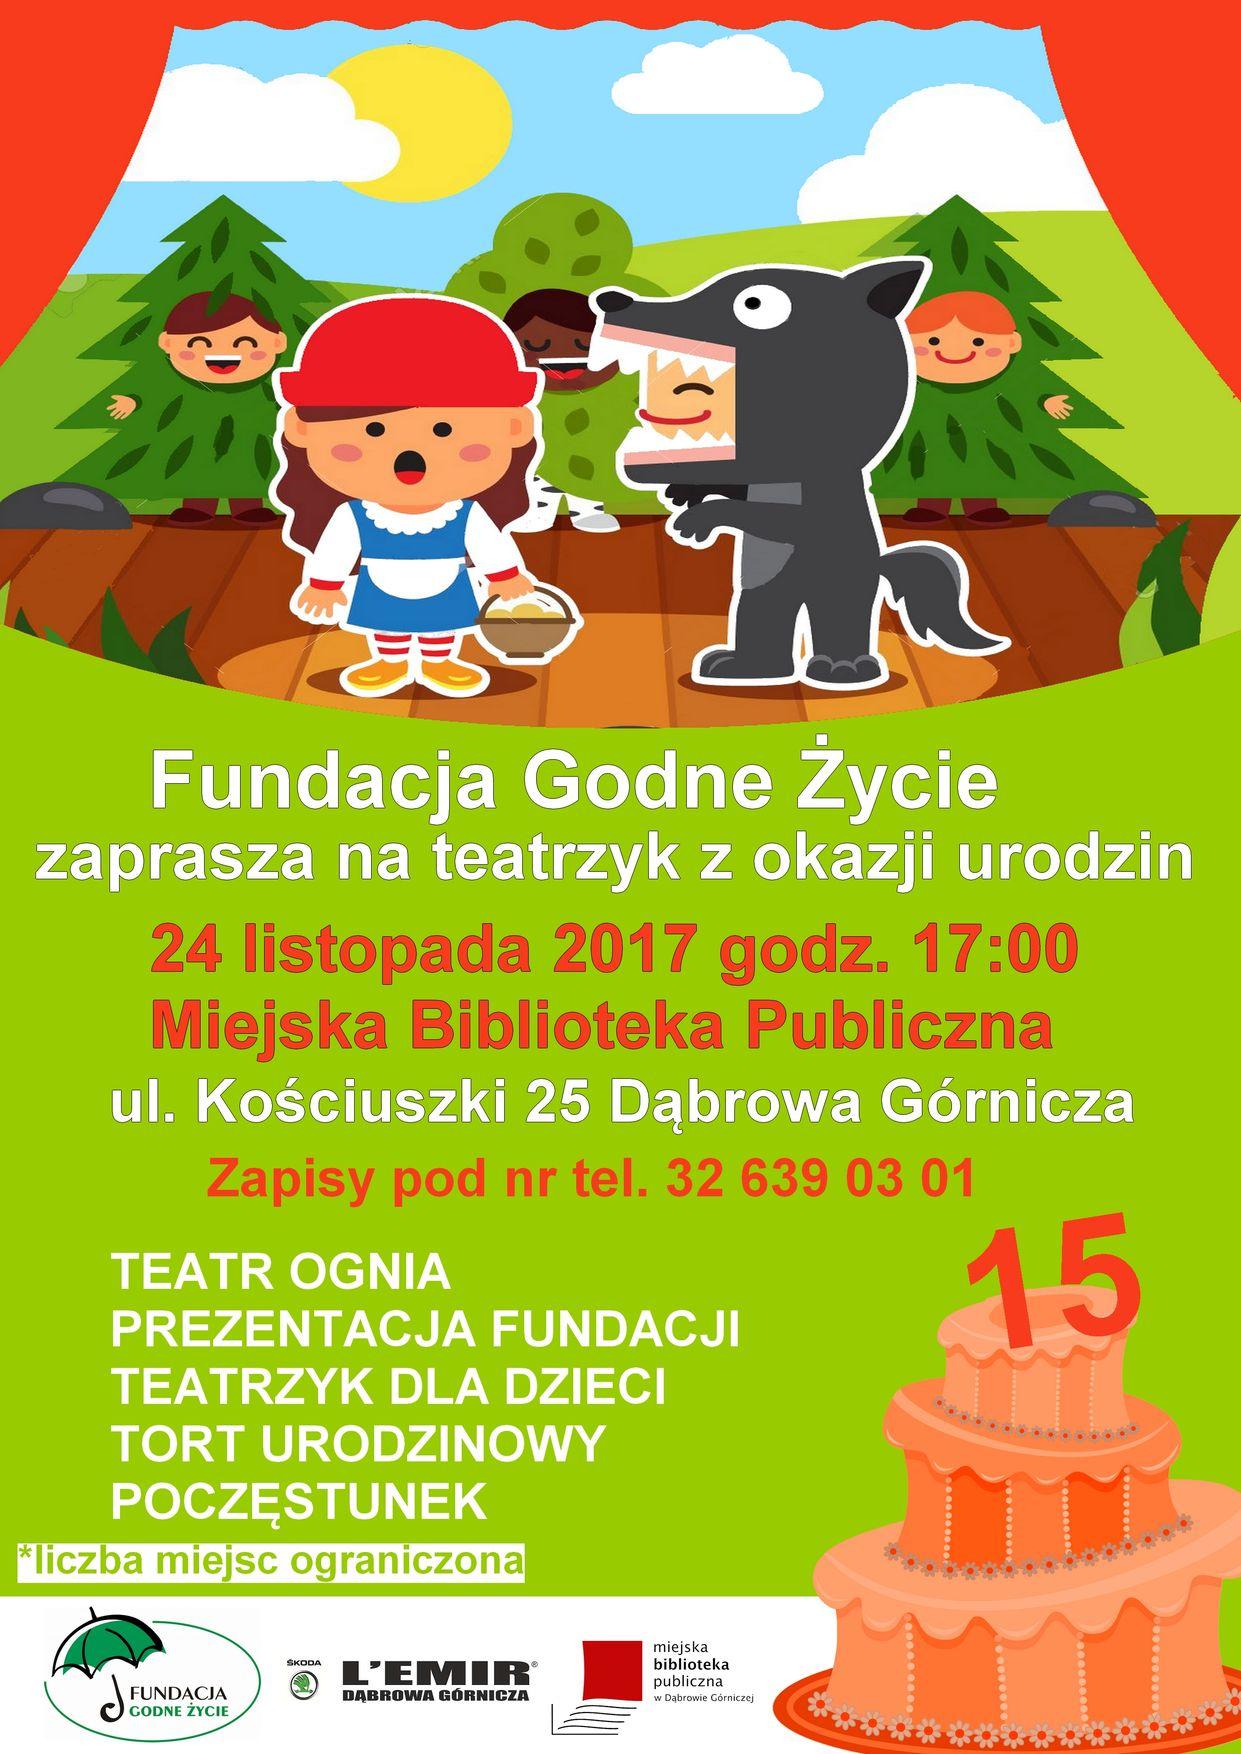 15. urodziny Fundacji Godne Życie - spektakl dla dzieci!